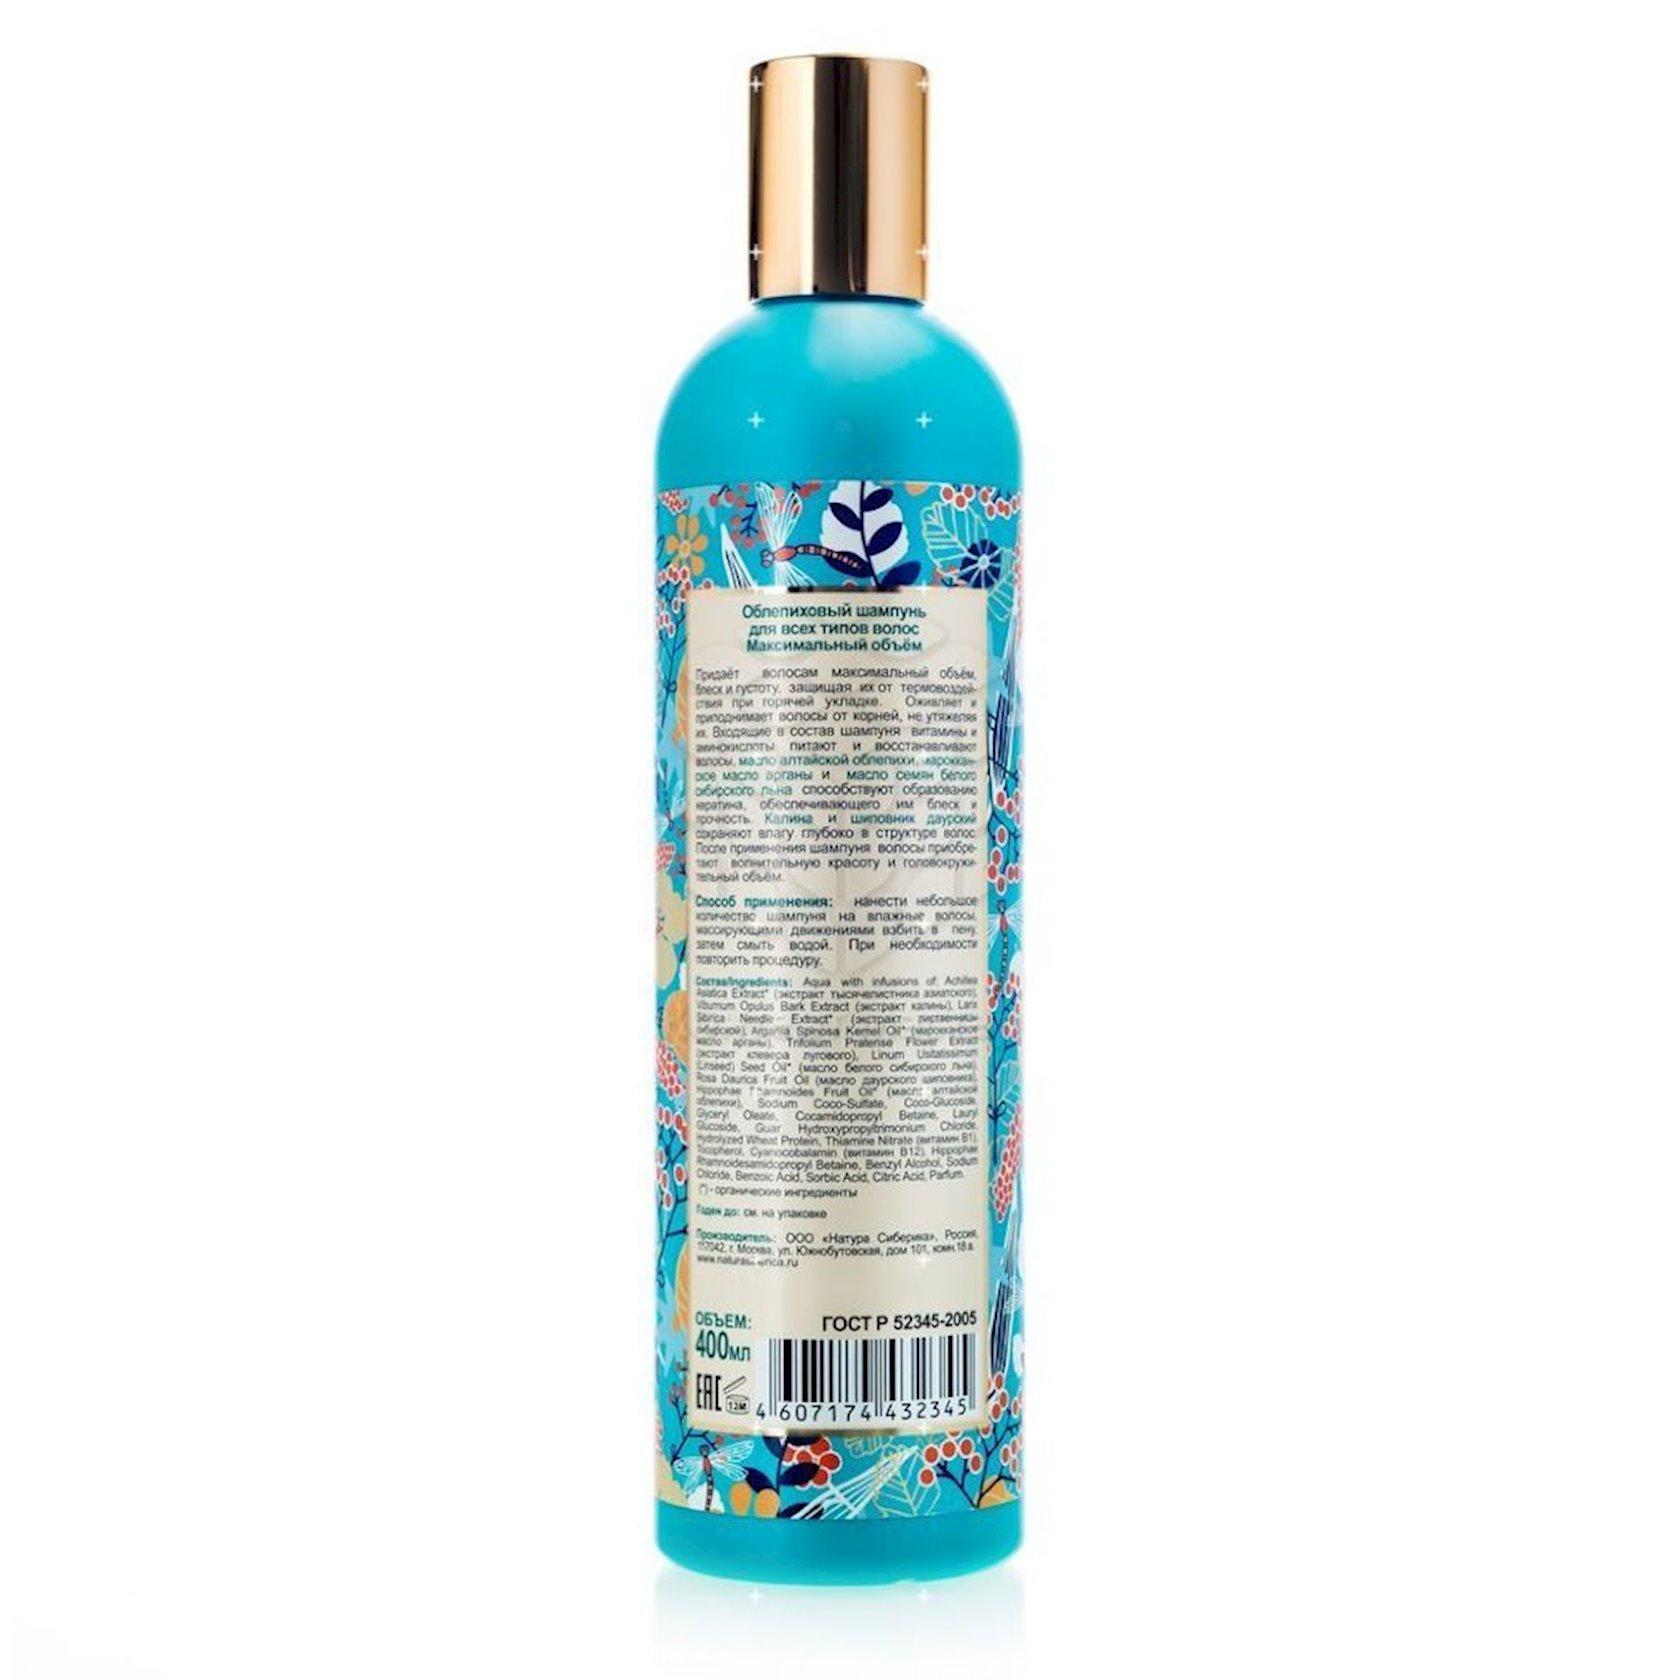 Şampun Natura Siberica  Çaytikanı Laminasiya effekti ilə, zədələnmiş saçlar üçün 400 ml